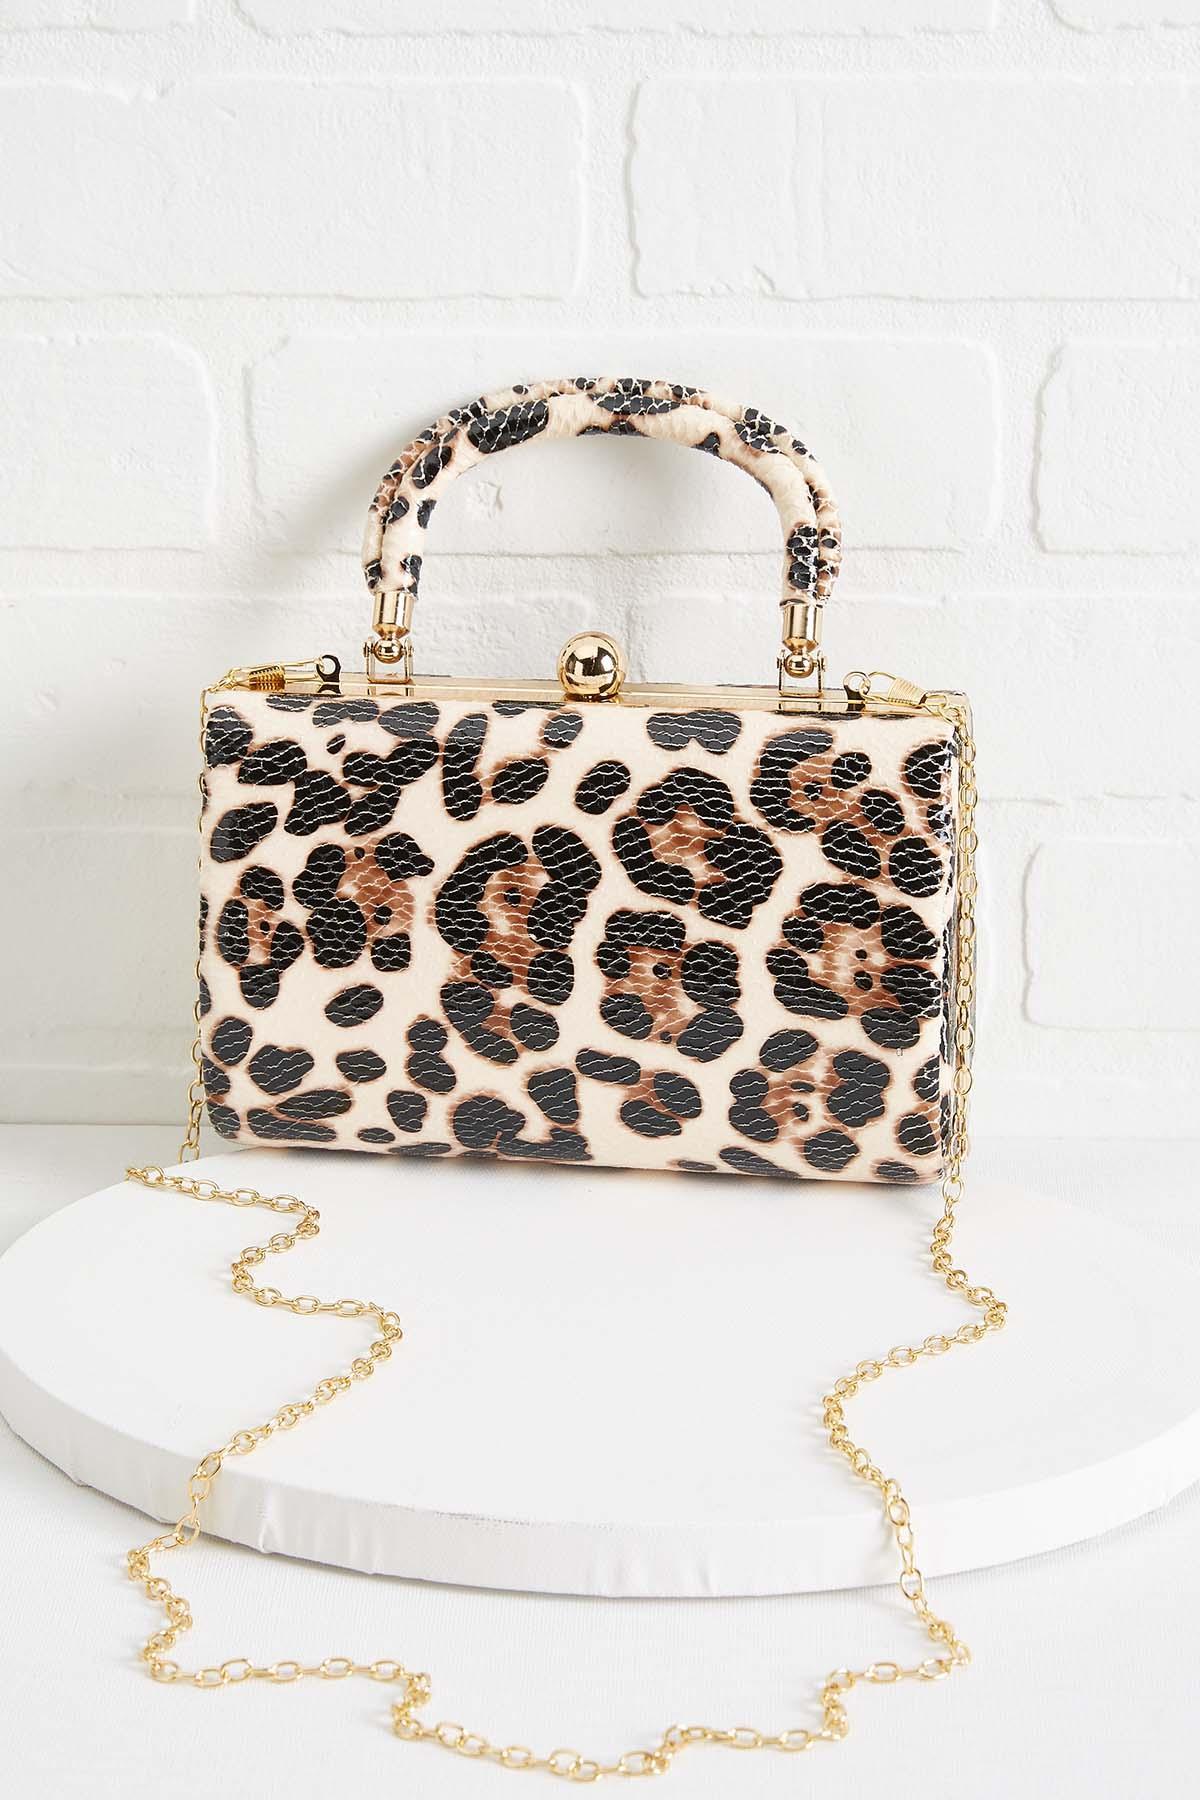 Leopard Convertible Clutch